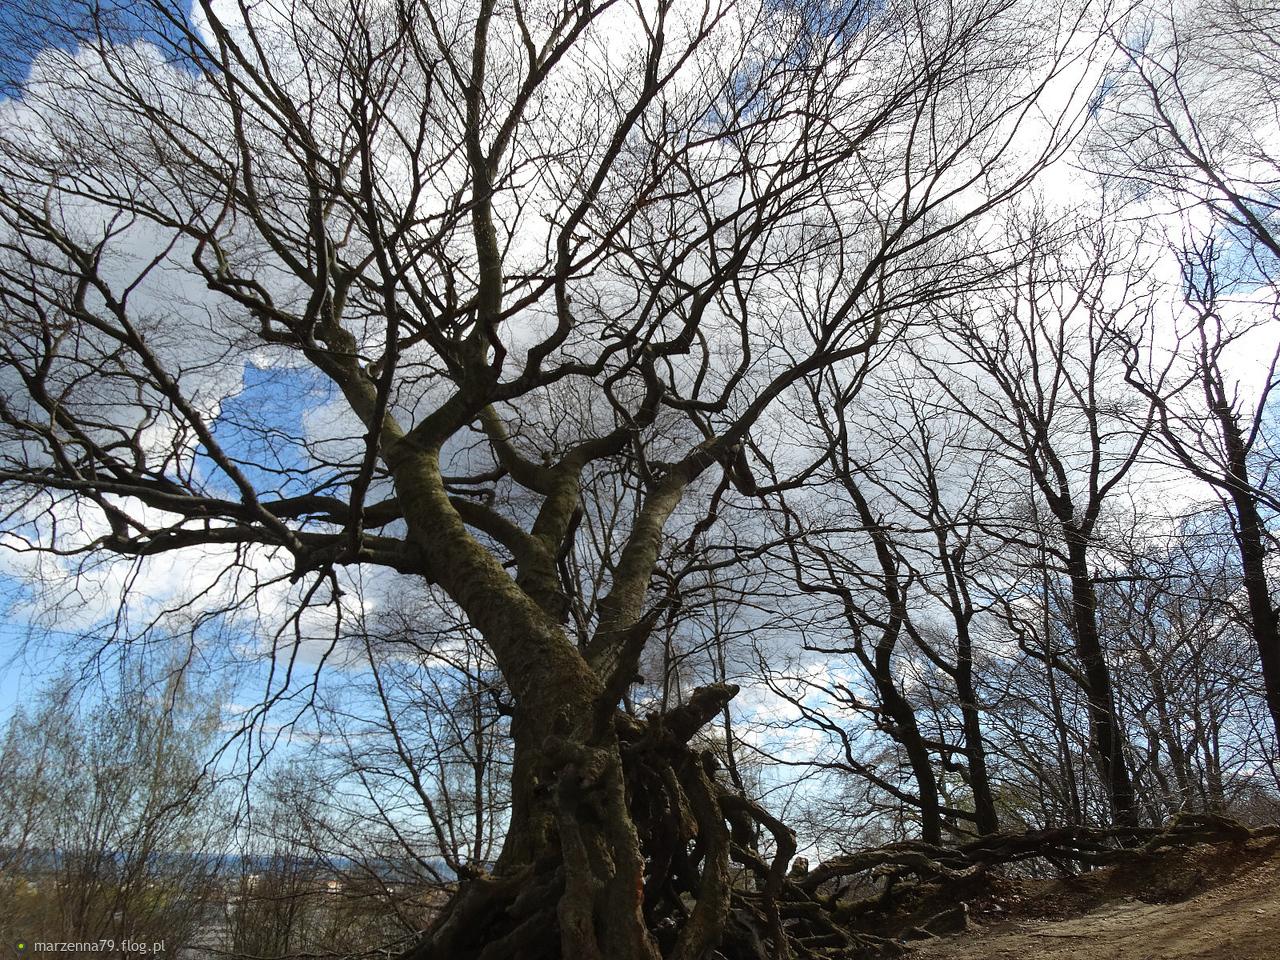 Gdynia - Drzewa bukowe na Grabówku, które nie poddają się, wciąż je widzę w tym samym stanie od prawie 60 lat...🍁